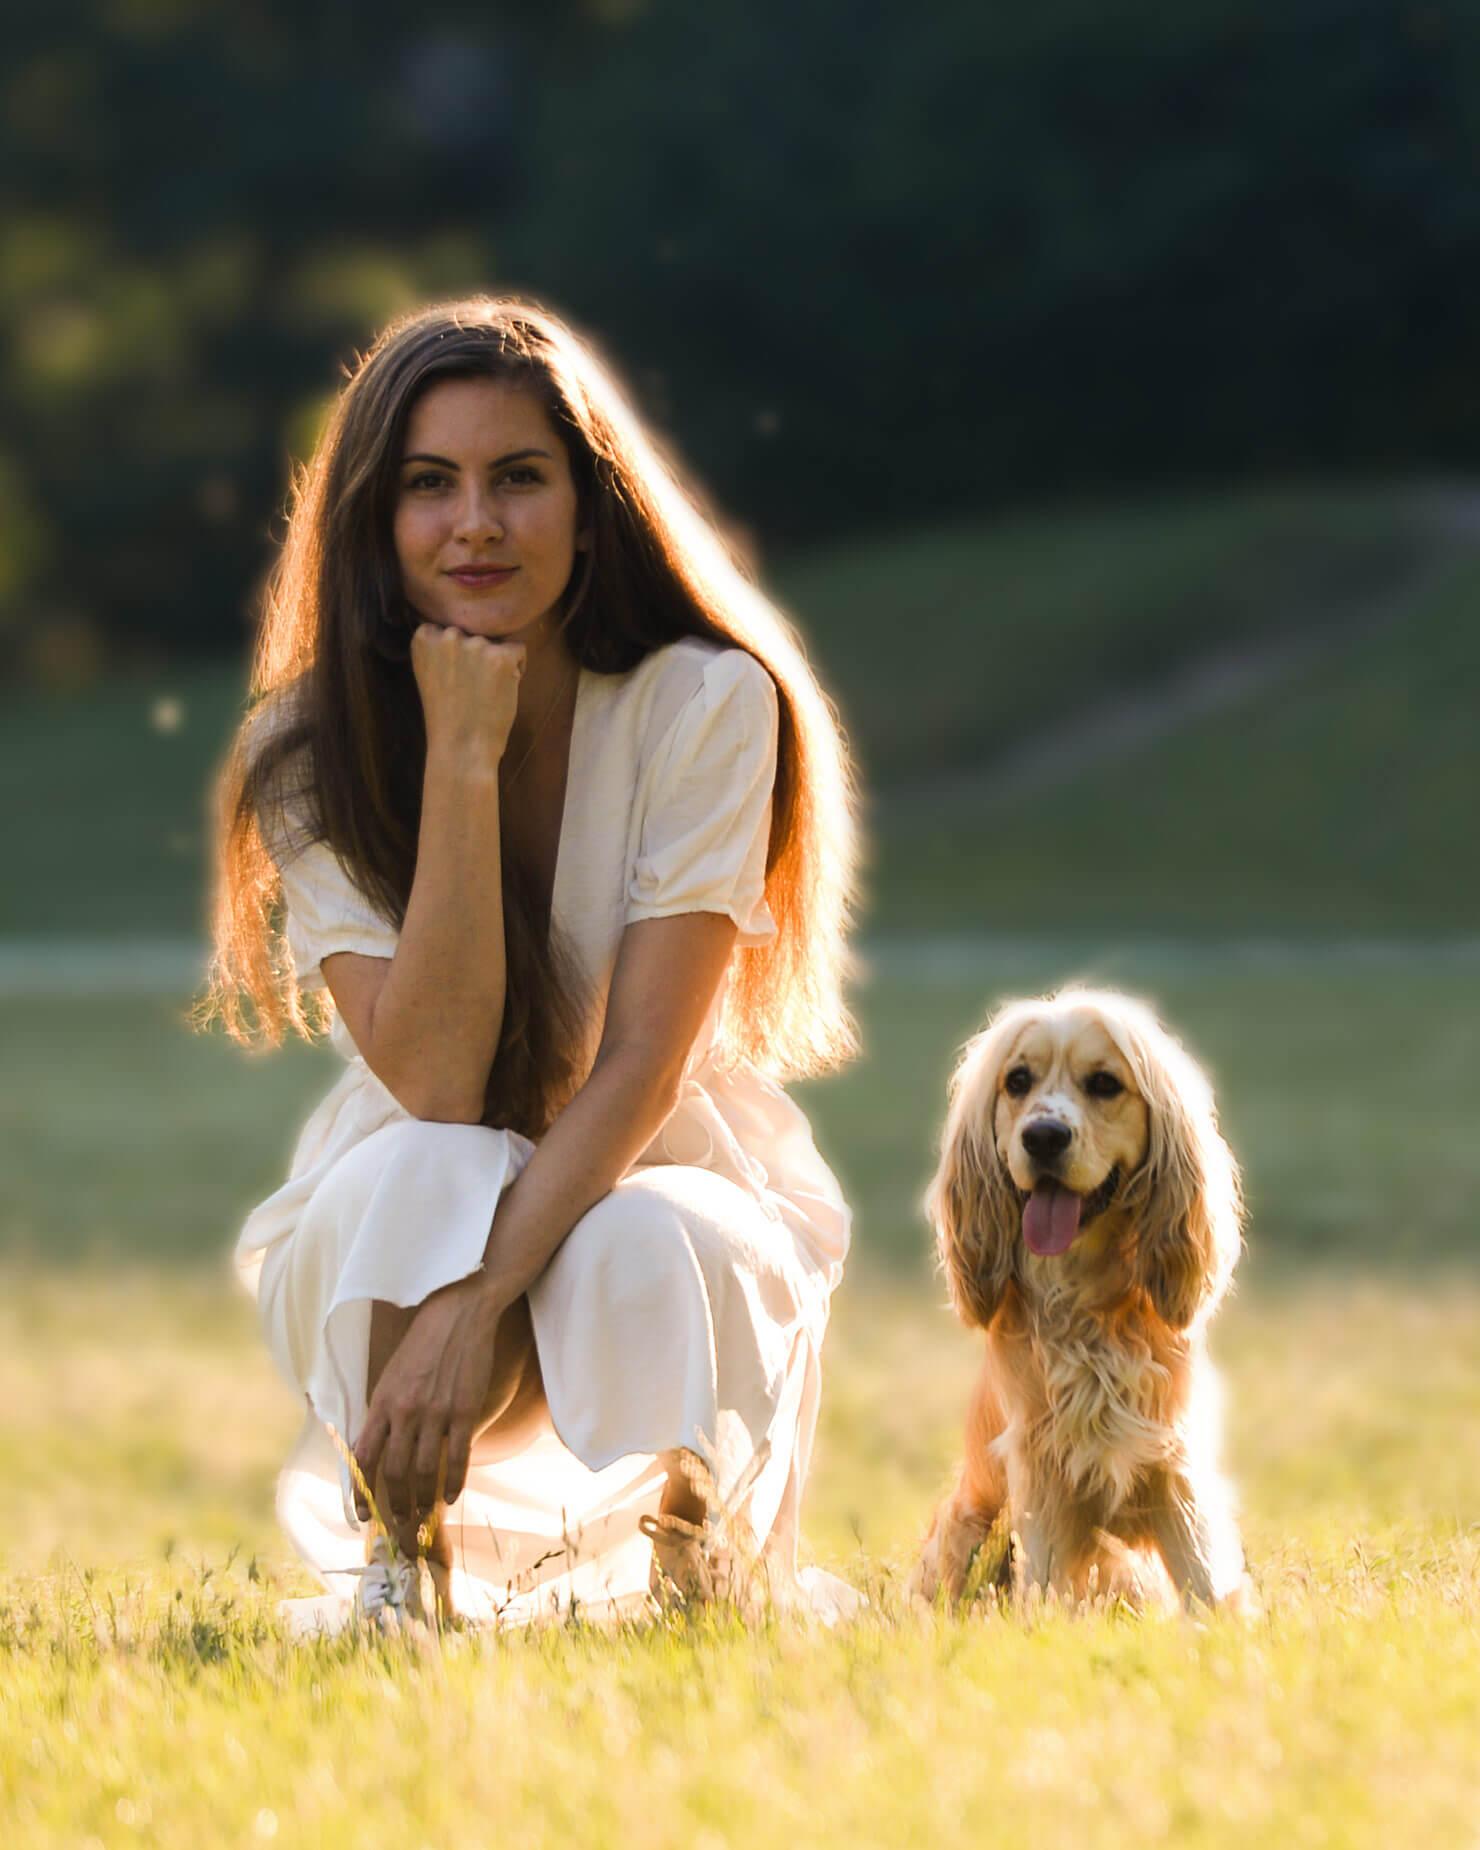 Богомила Трайкова: Търся удоволствието и смисъла от живота